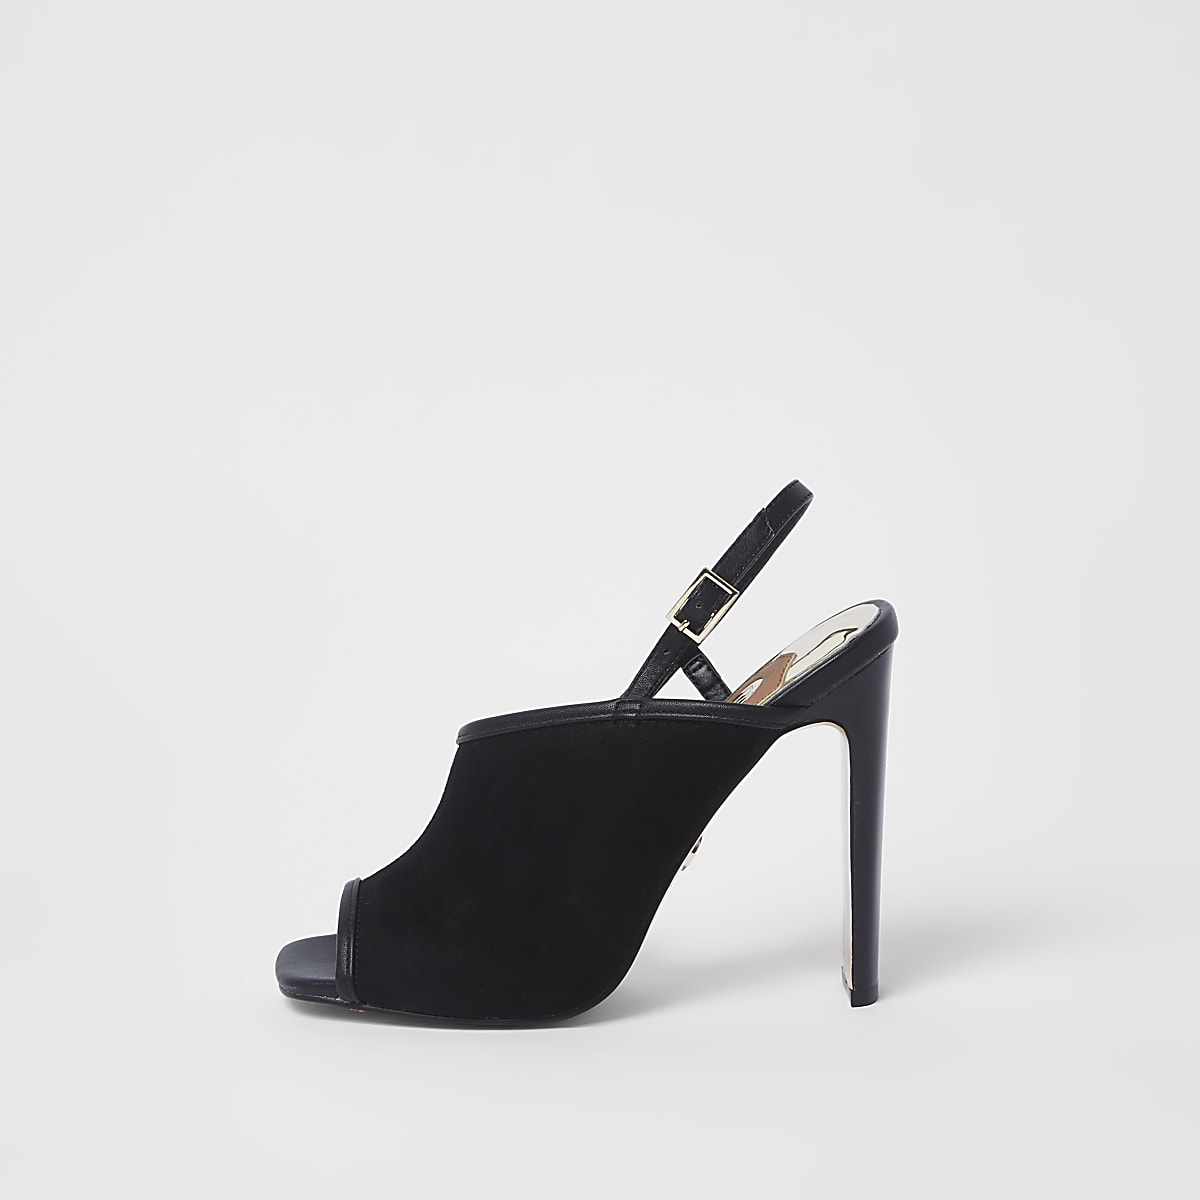 Zwarte asymmetrische schoenen met smalle hak